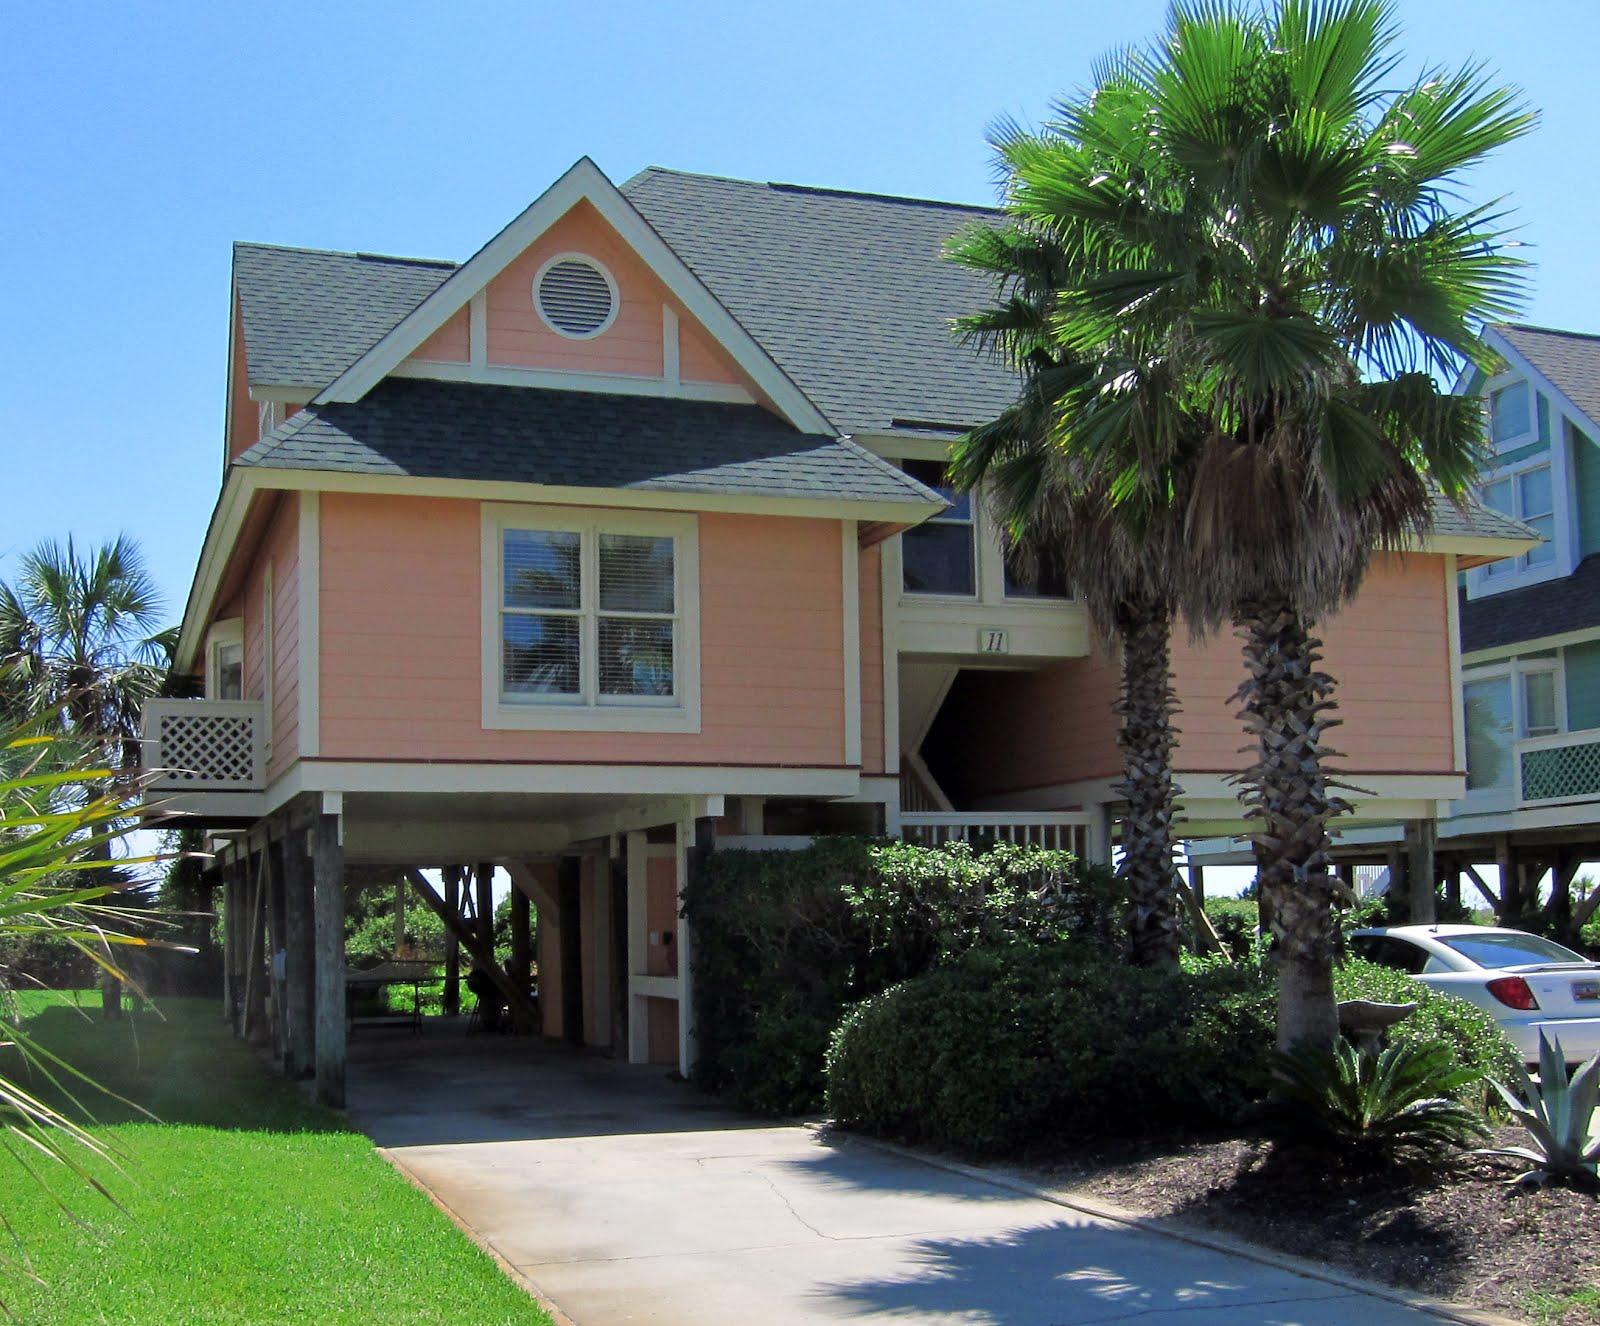 Chuckography The Peach House On Iop